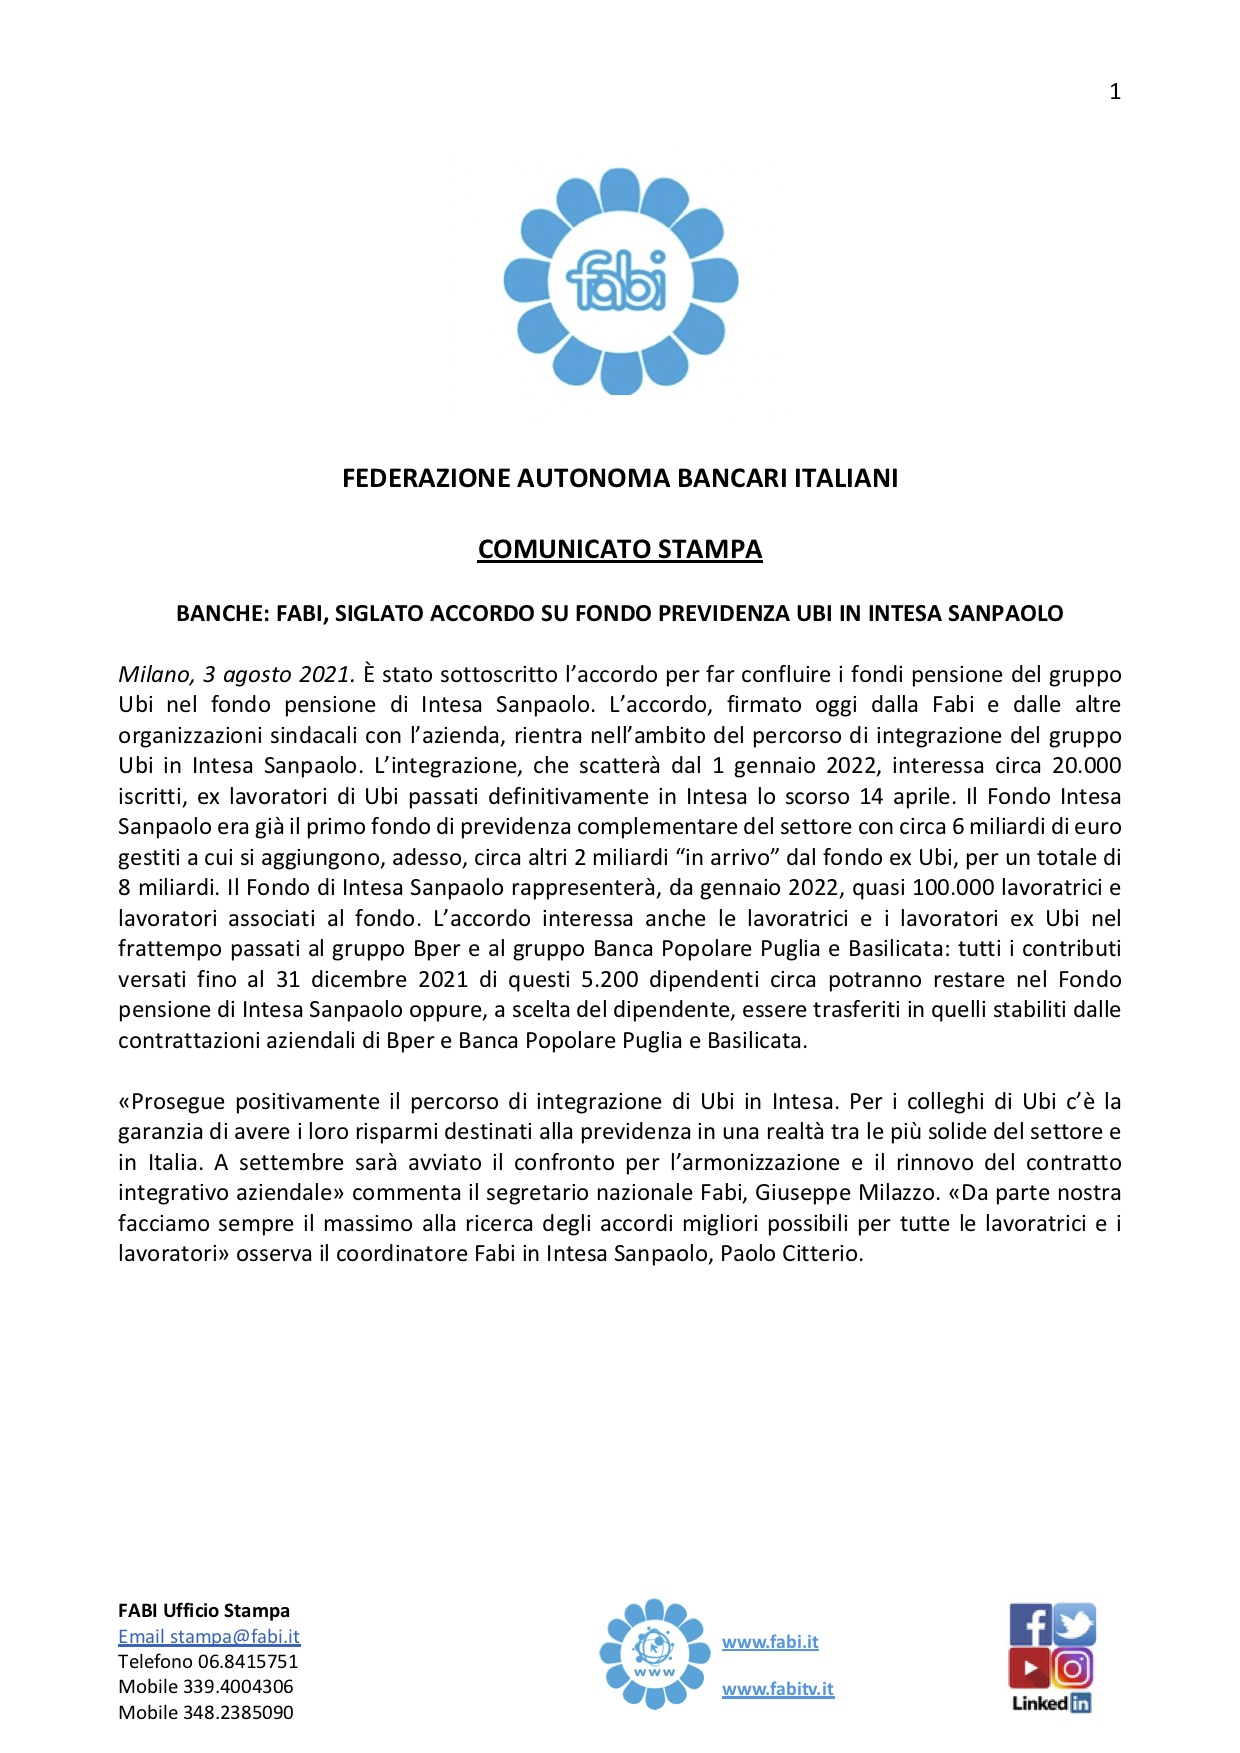 SIGLATO L'ACCORDO SUL FONDO PENSIONE UBI IN INTESA SANPAOLO